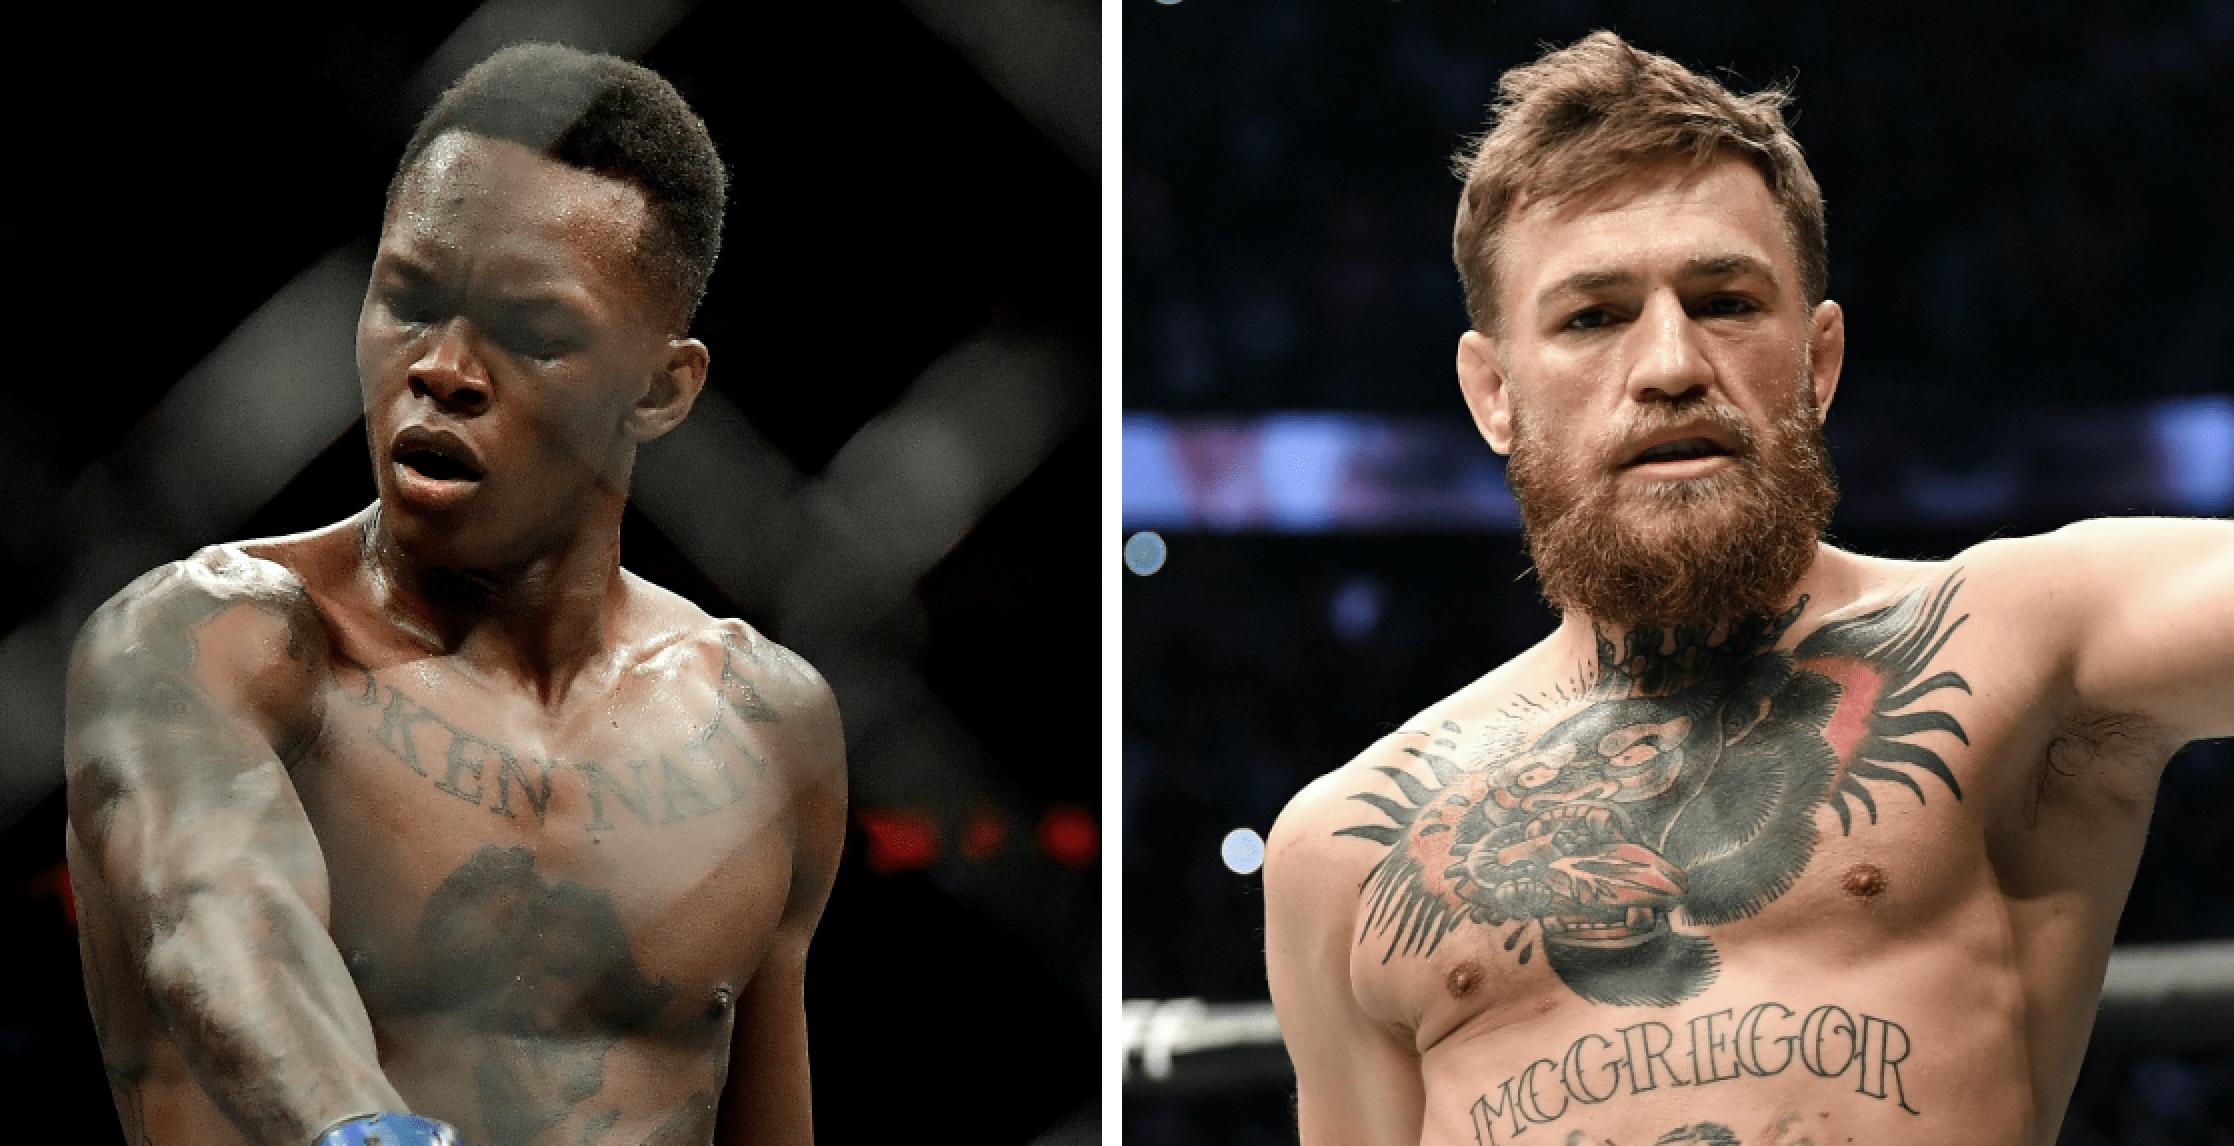 UFC: Israel Adesanya Talks Conor McGregor And Defending His Title